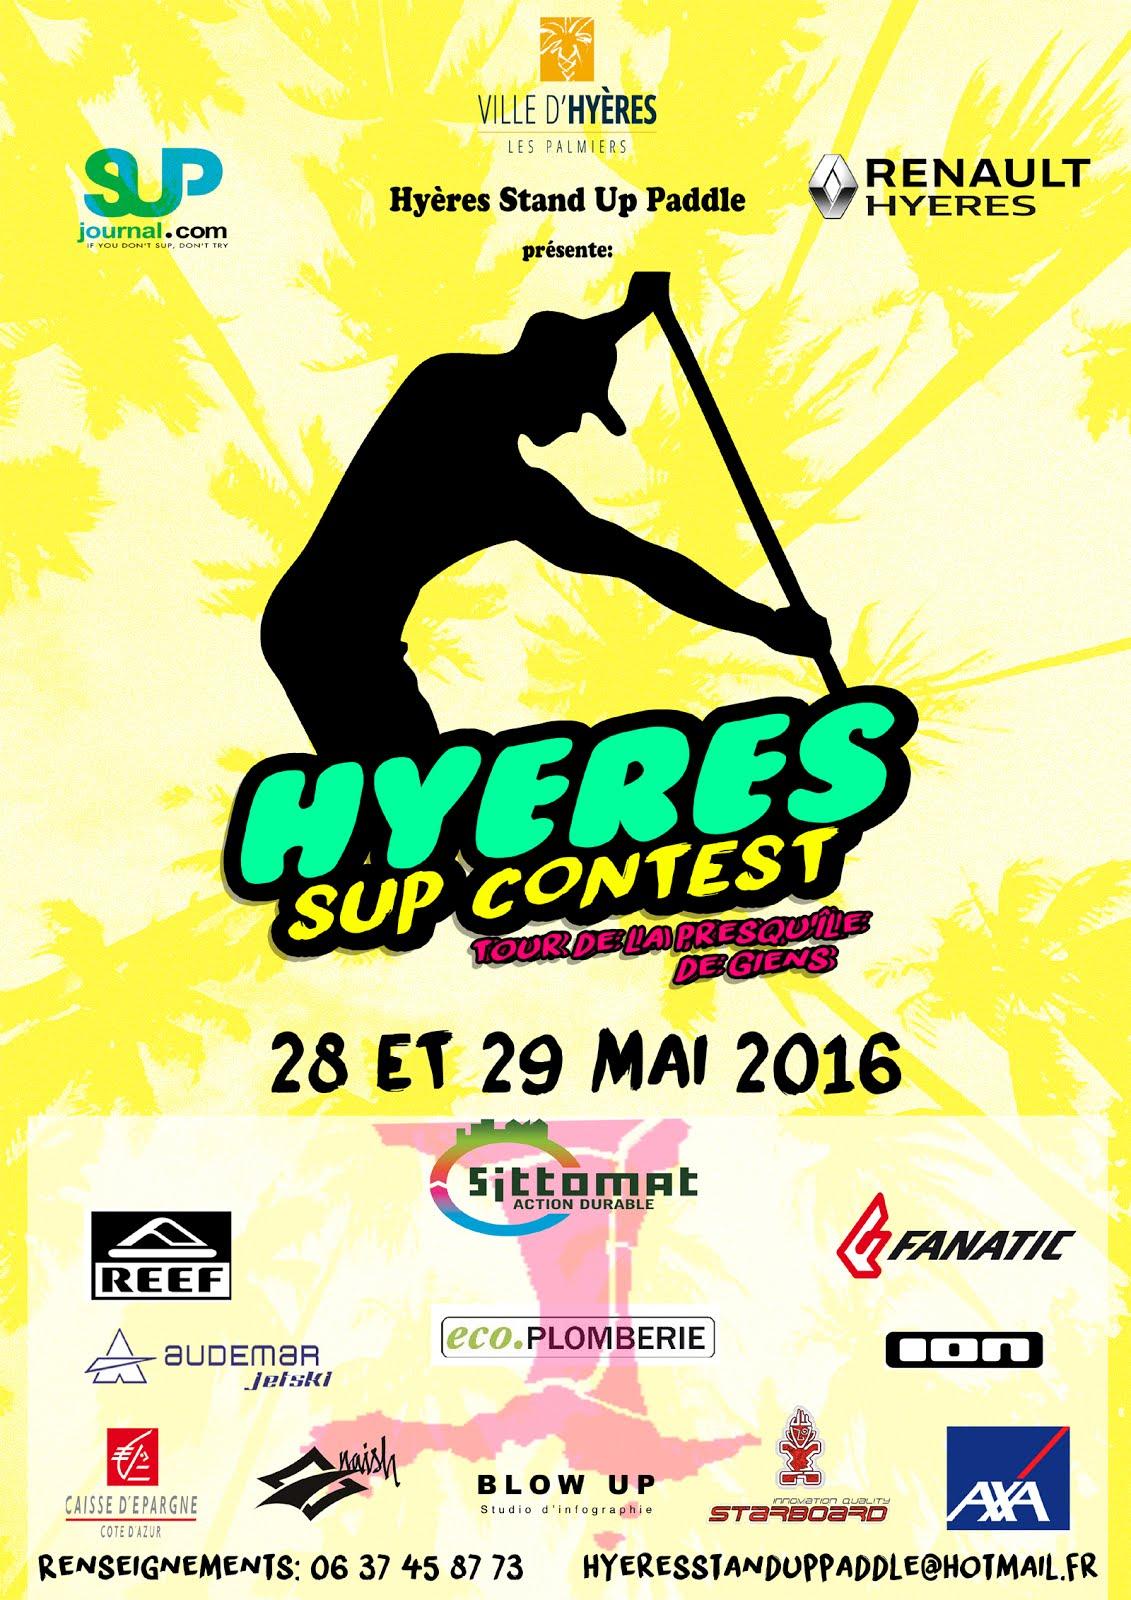 HYERES SUP CONTEST